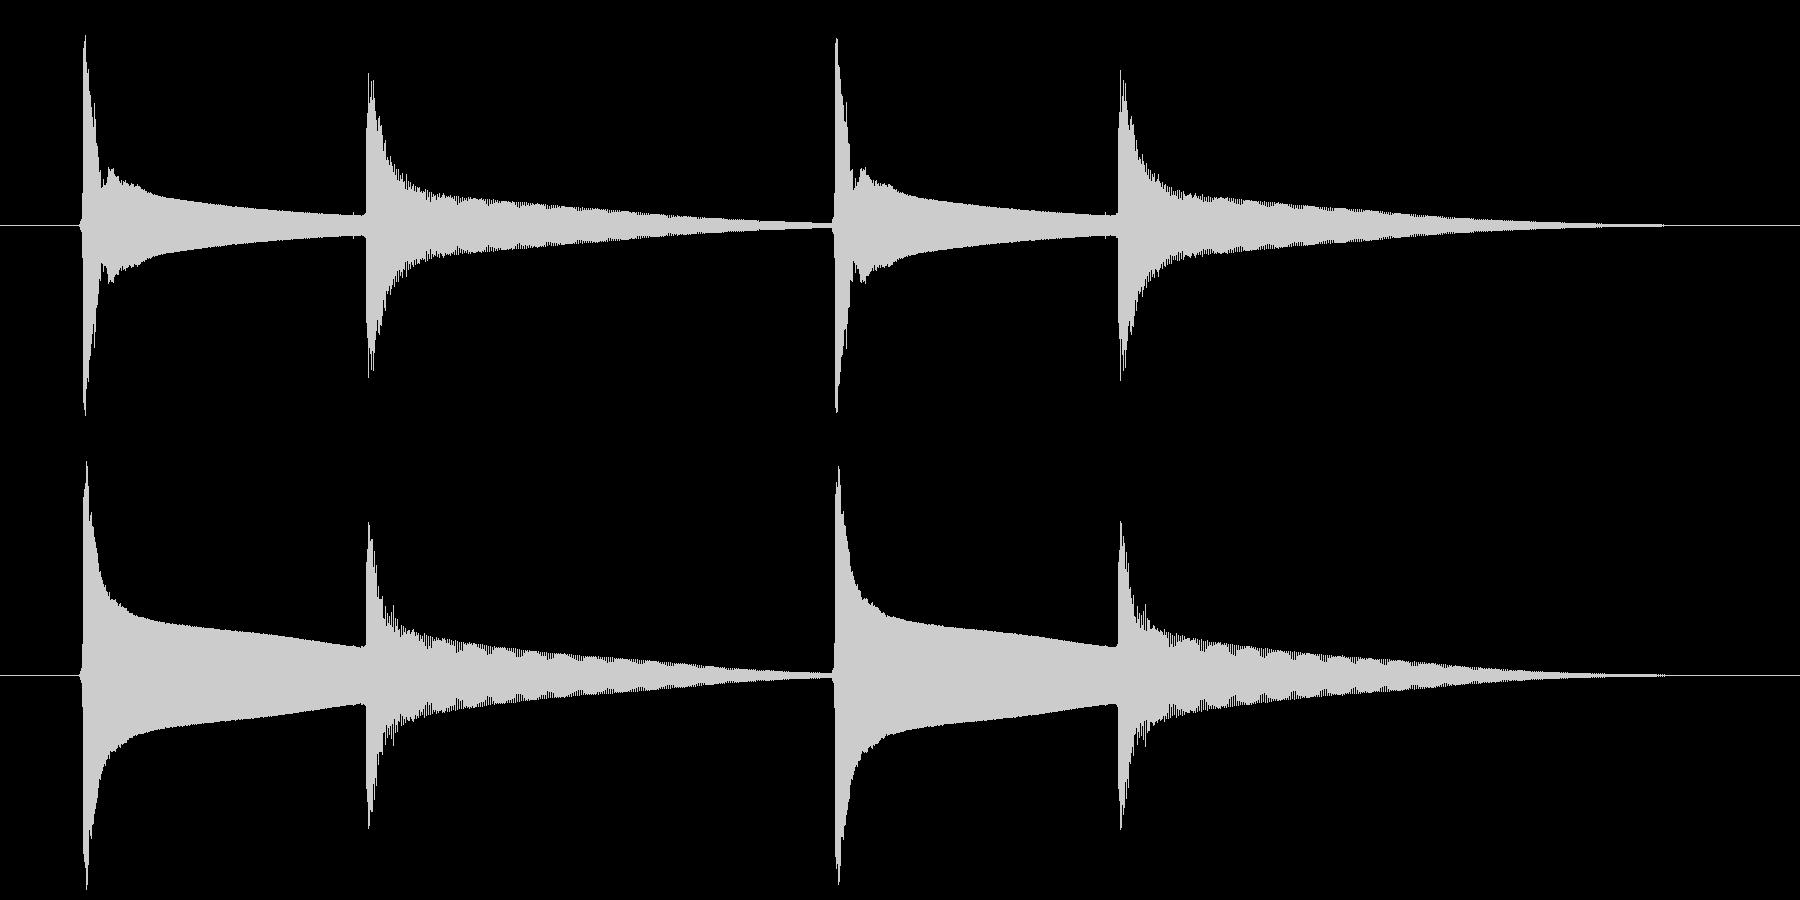 【生録音】ピンポンピンポン(速度-遅め)の未再生の波形